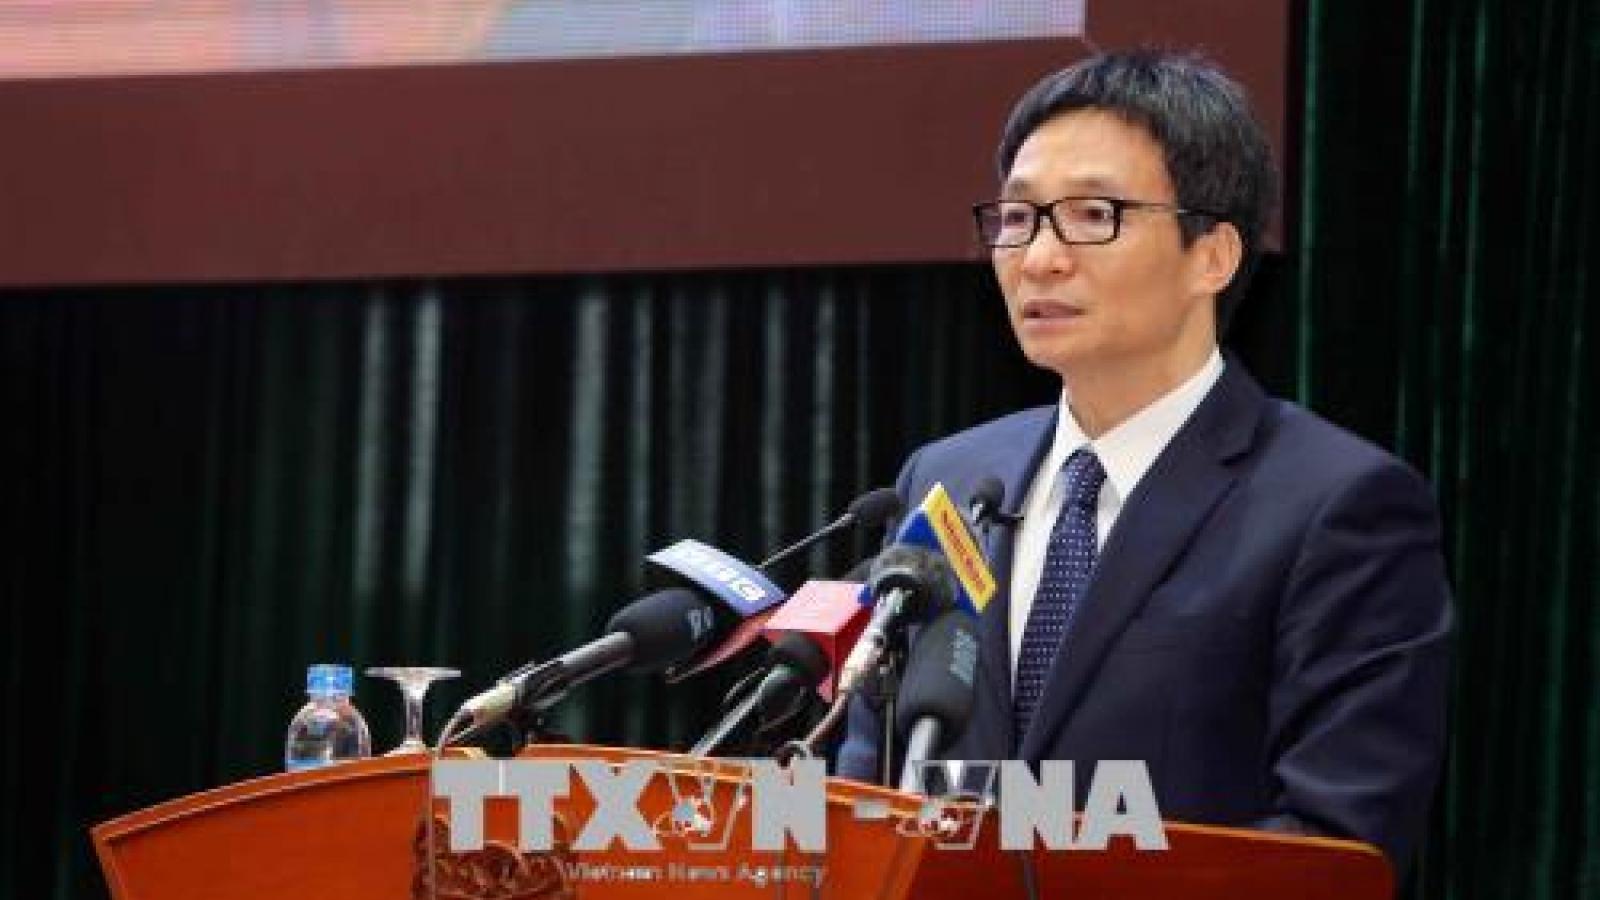 Phó Thủ tướng Vũ Đức Đam dự Đại hội Hội nghệ sỹ múa Việt Nam